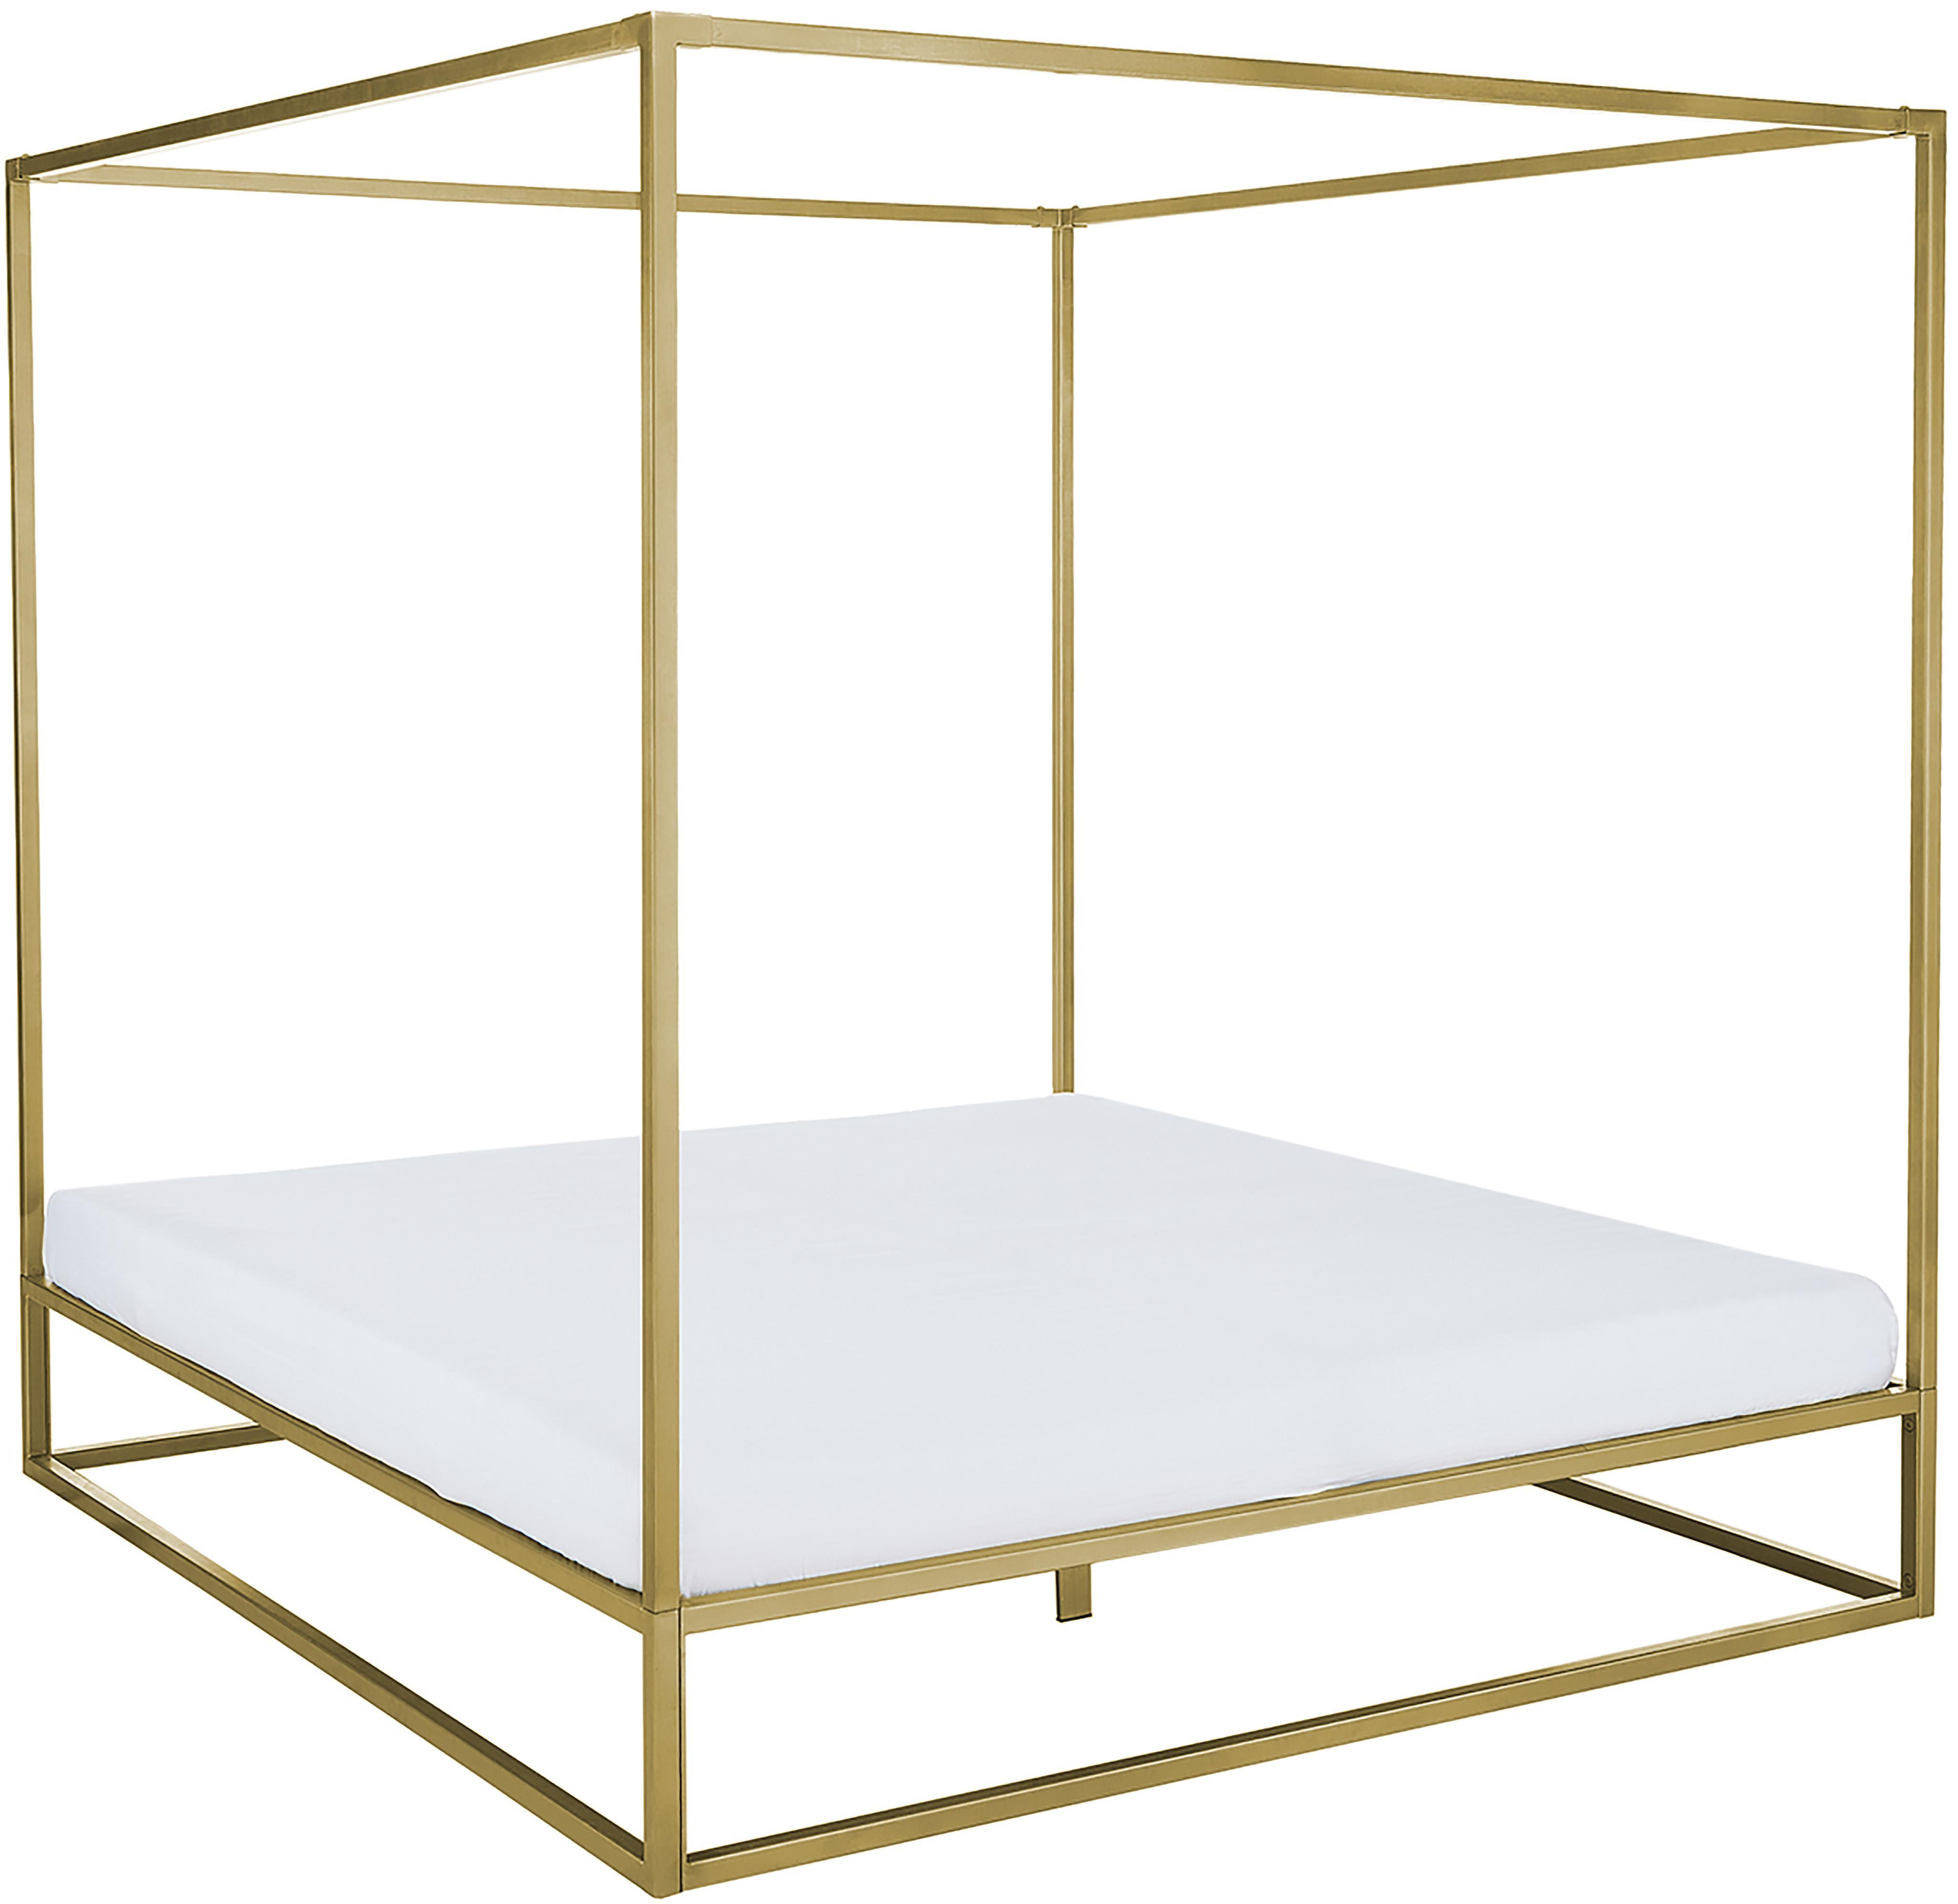 Cama con dosel Belle, Metal, latón, Dorado mate, 160 x 200 cm